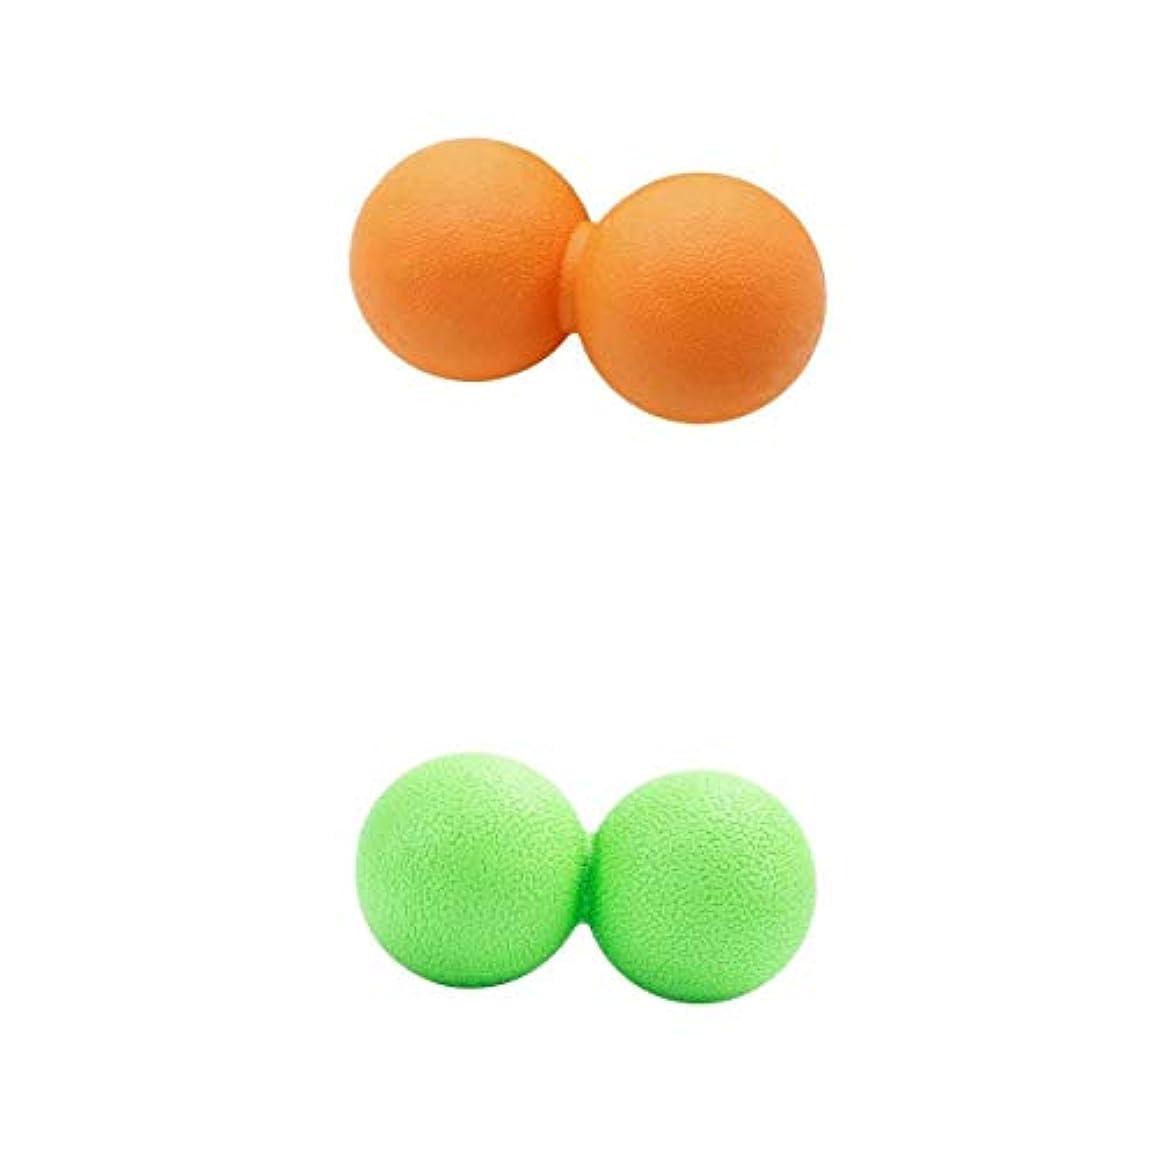 会社許さない変位Fenteer マッサージボール ピーナッツ型 筋膜リリース トリガーポイント ツボ押しグッズ 2個入